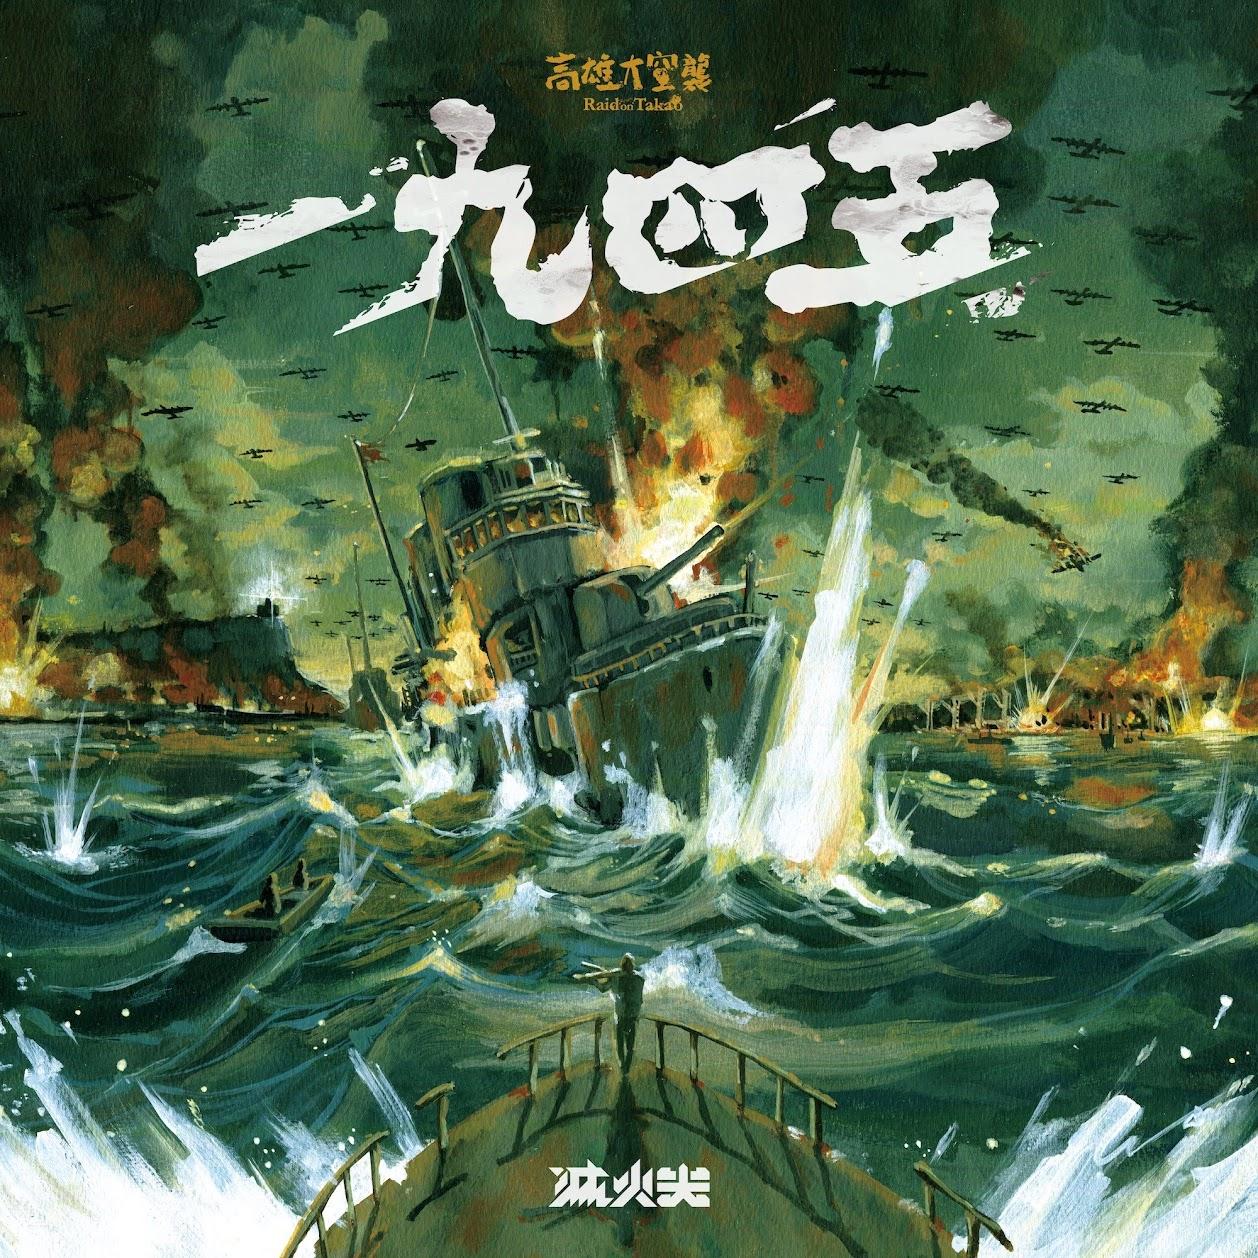 [迷迷音樂] 滅火器睽違發佈新歌〈一九四五〉  網友淚推:「神曲又來了」「謝謝滅火器做出給正港台灣人的歌」